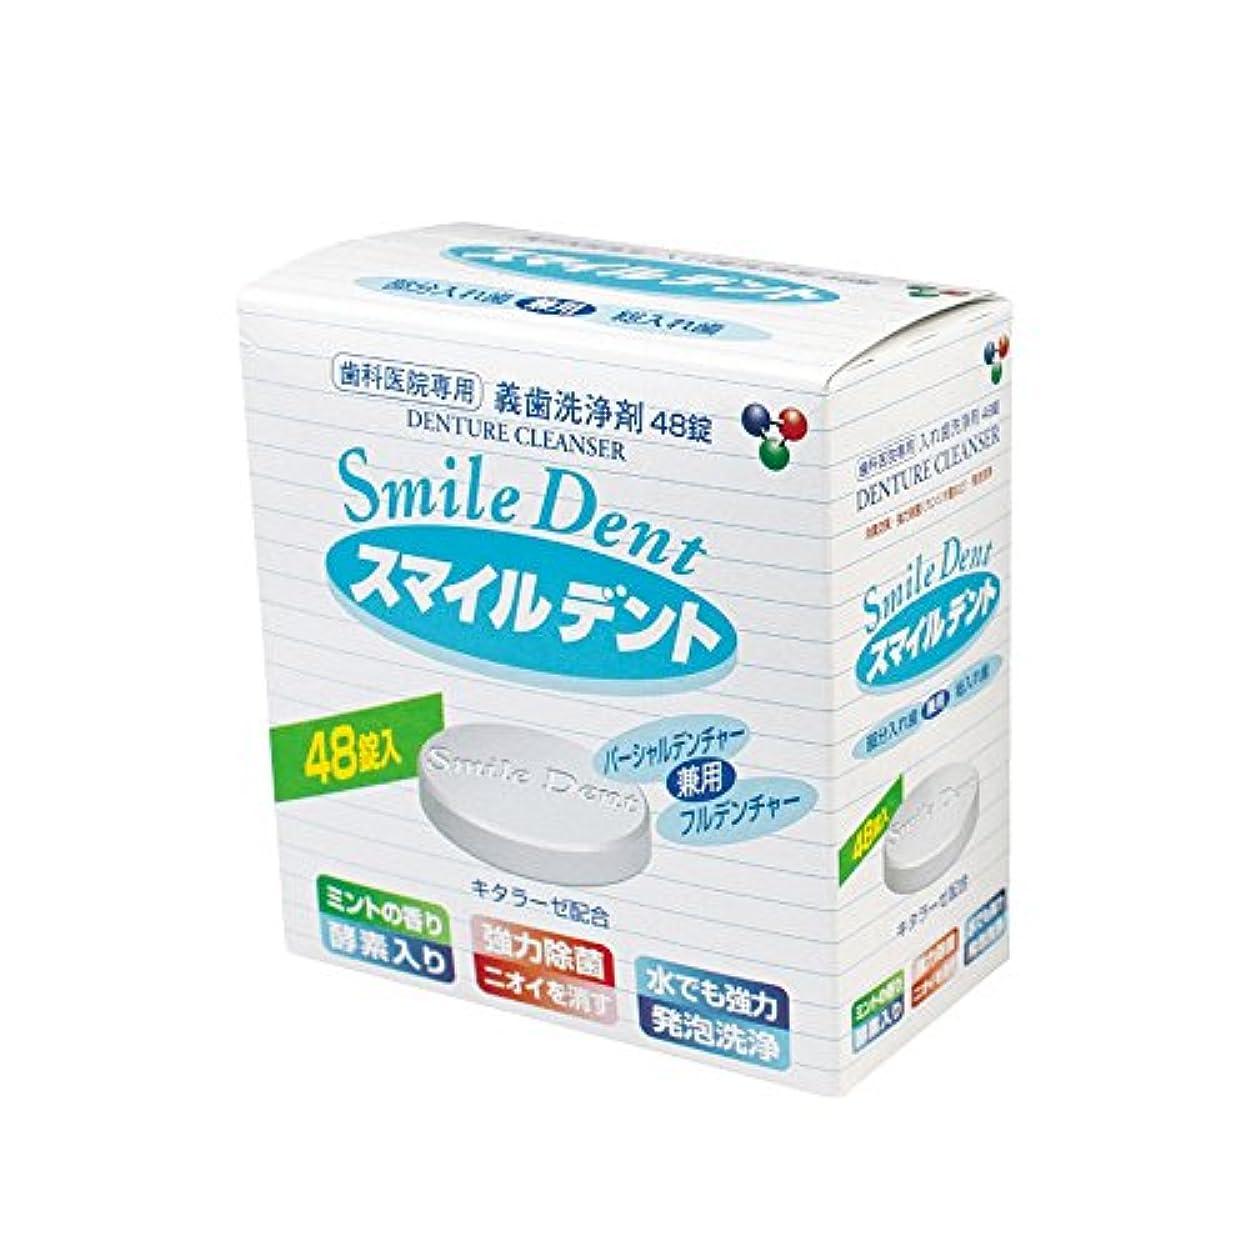 義歯洗浄剤 スマイルデント 1箱(48錠)